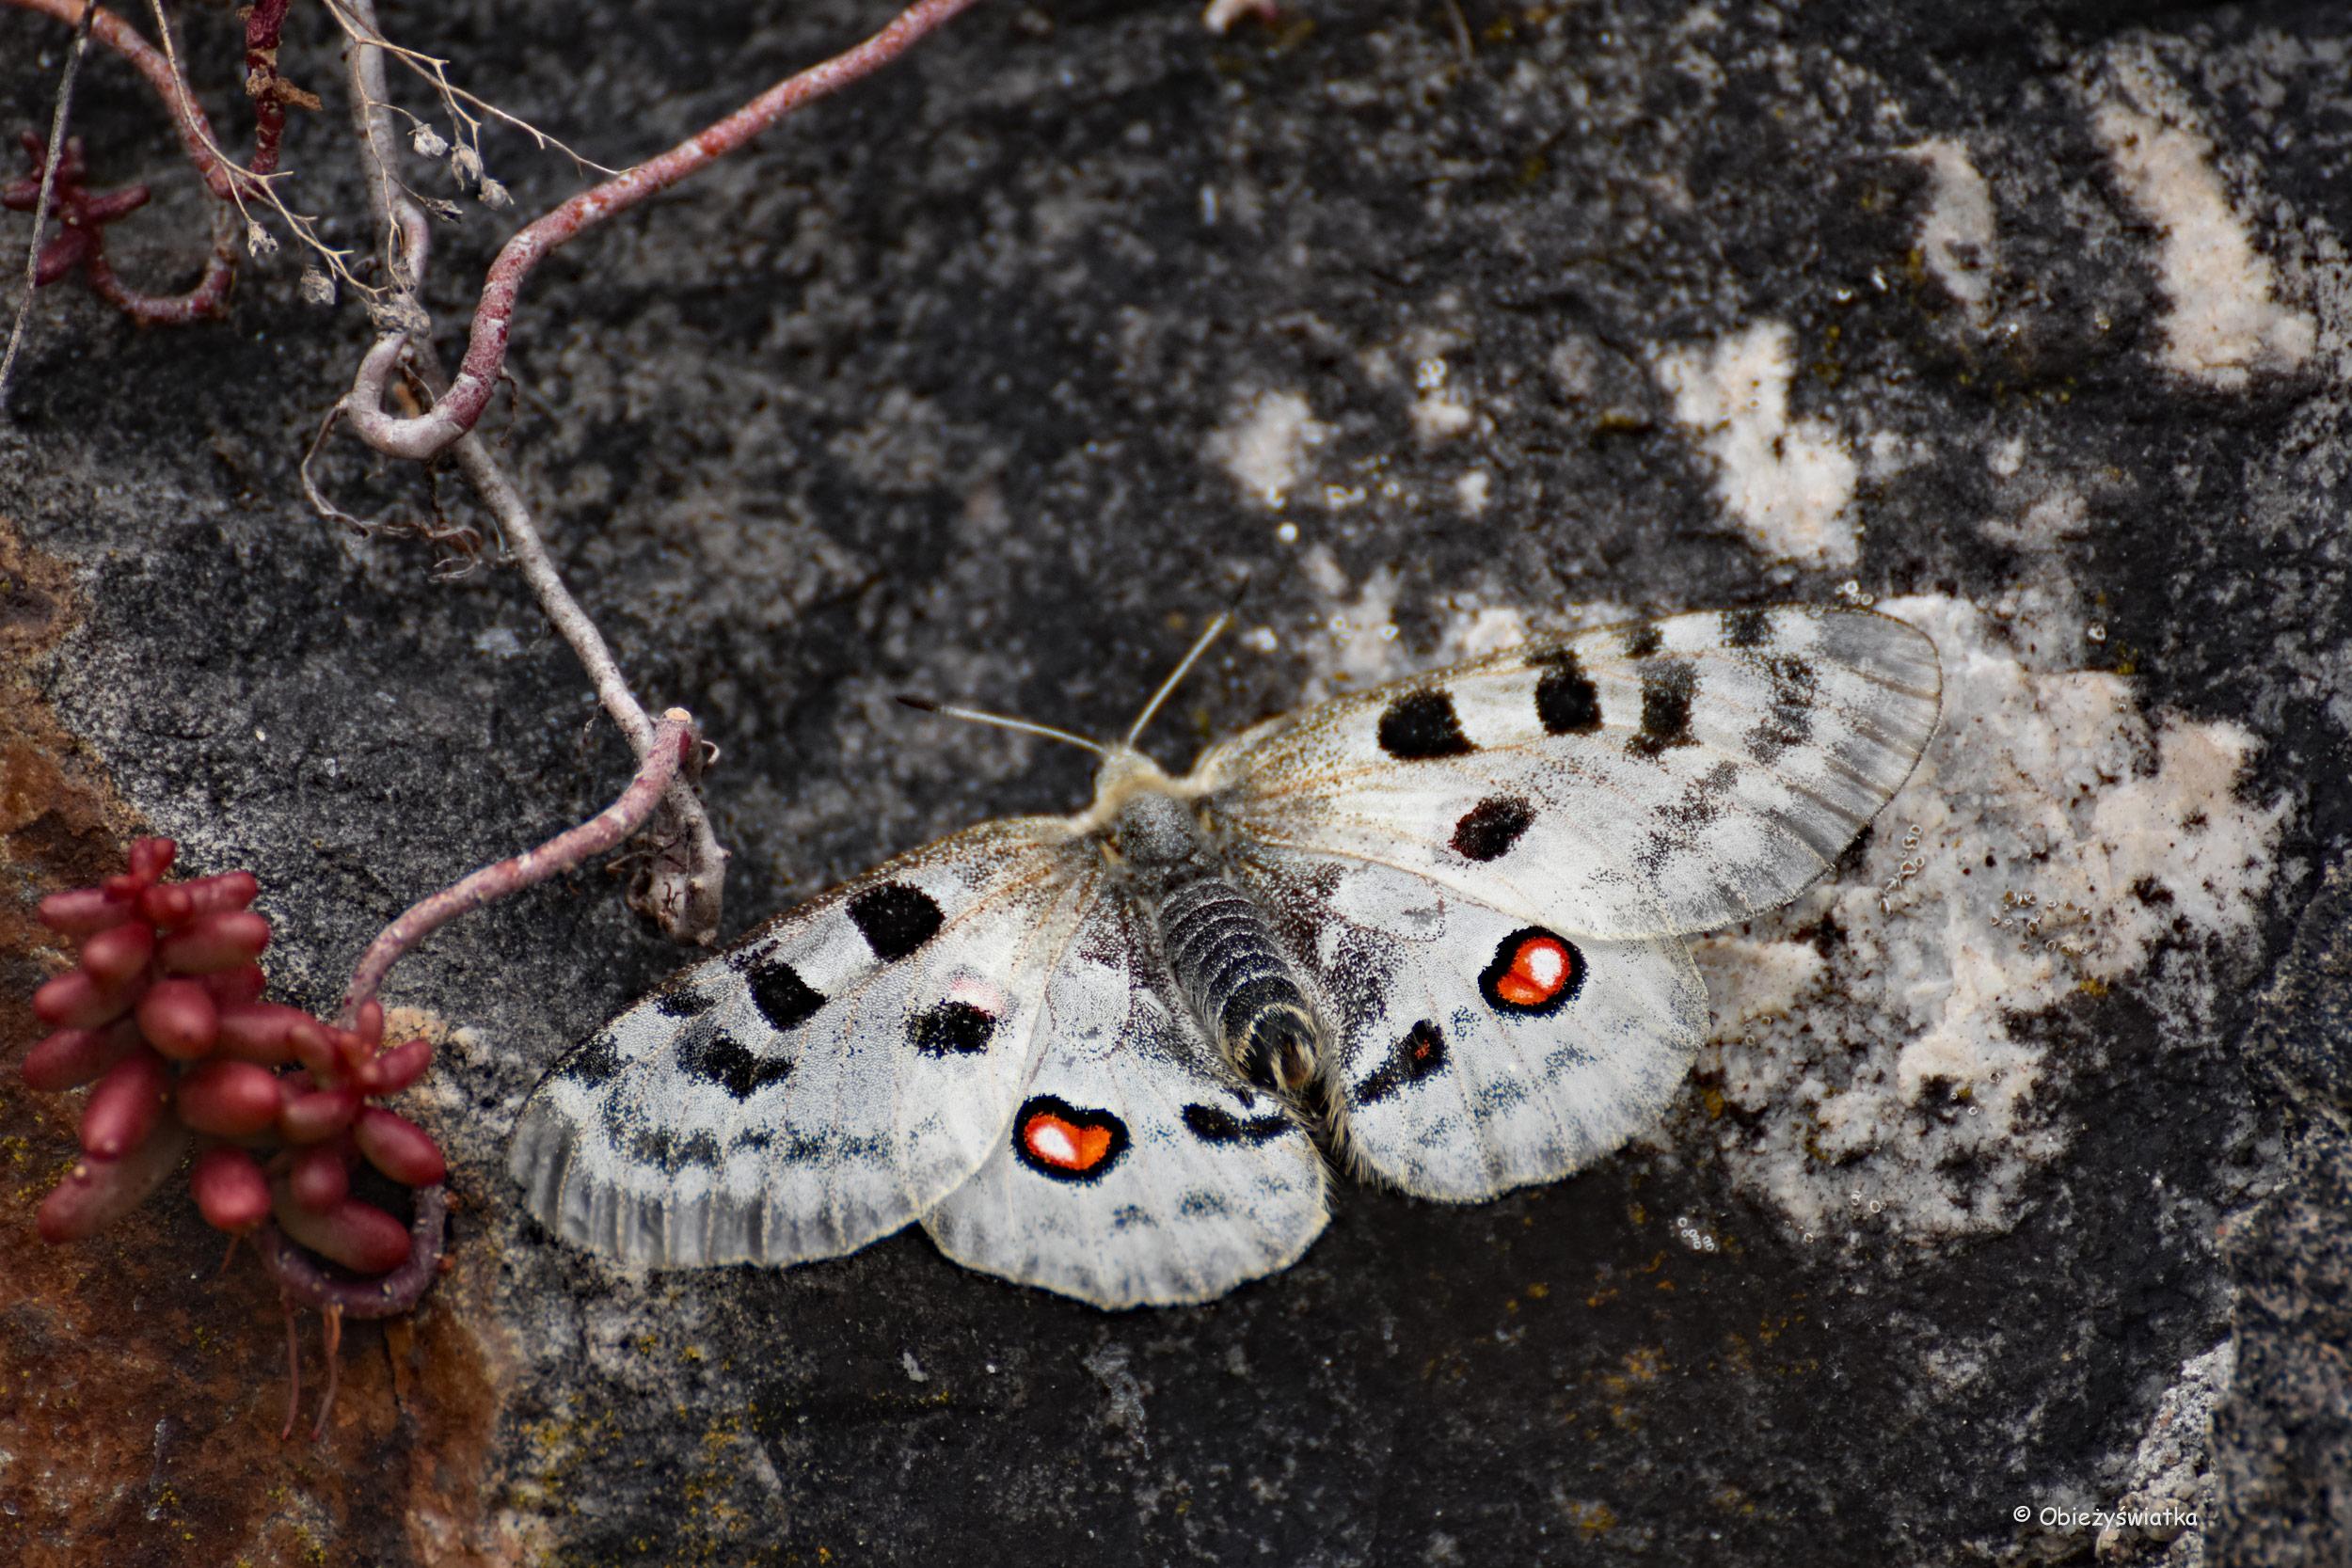 Nad Mozelą jeszcze można spotkać rzadki gatunek motyla - niepylak apollo